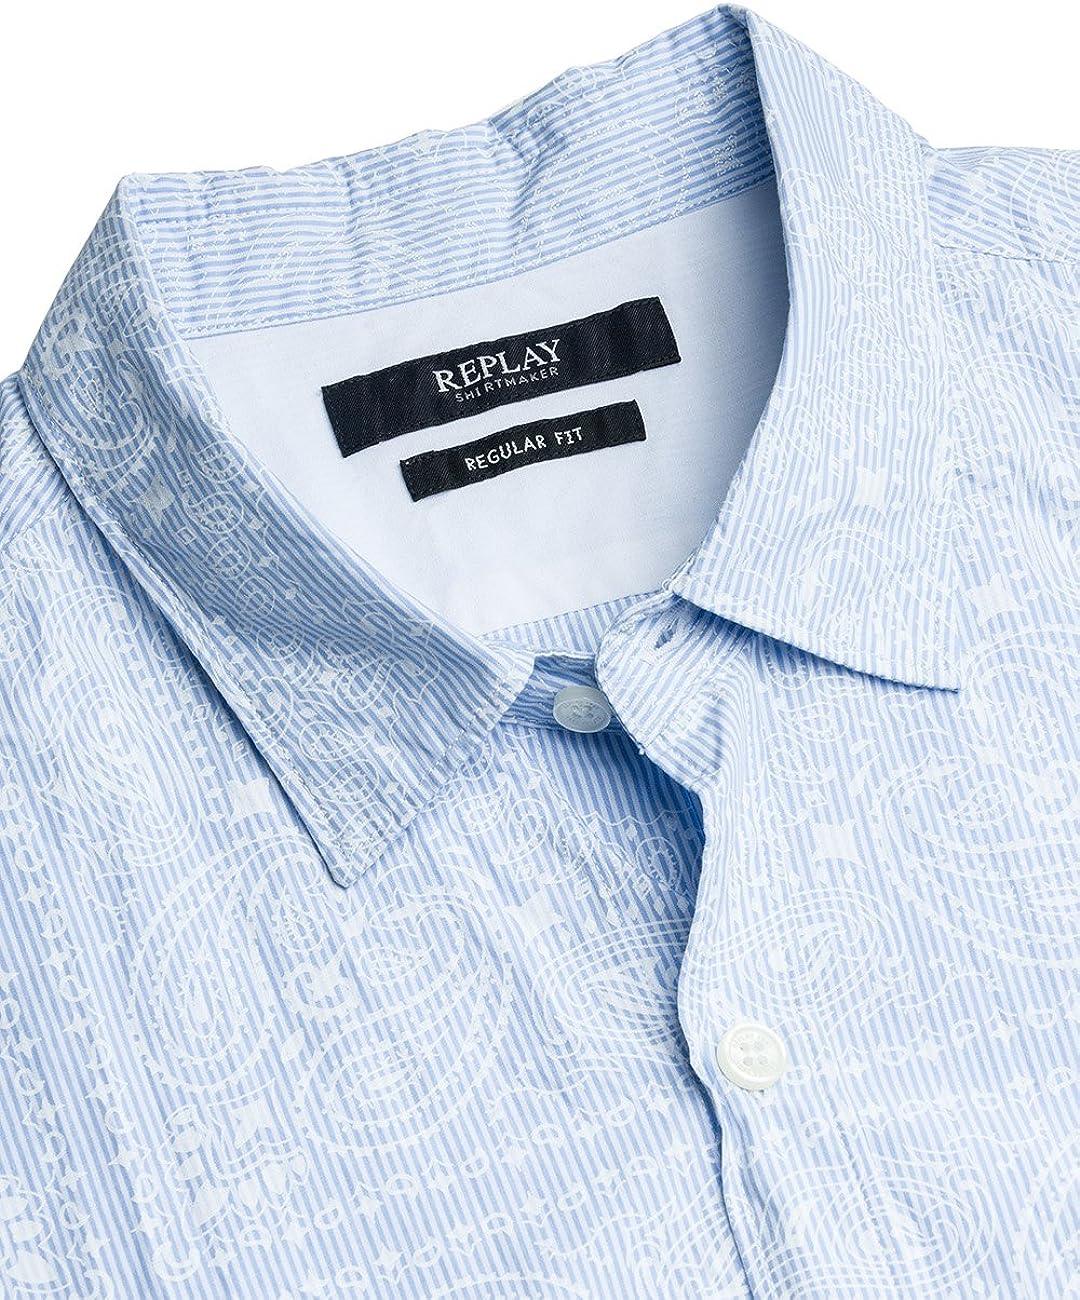 Replay Mens Printed Shirt M4953